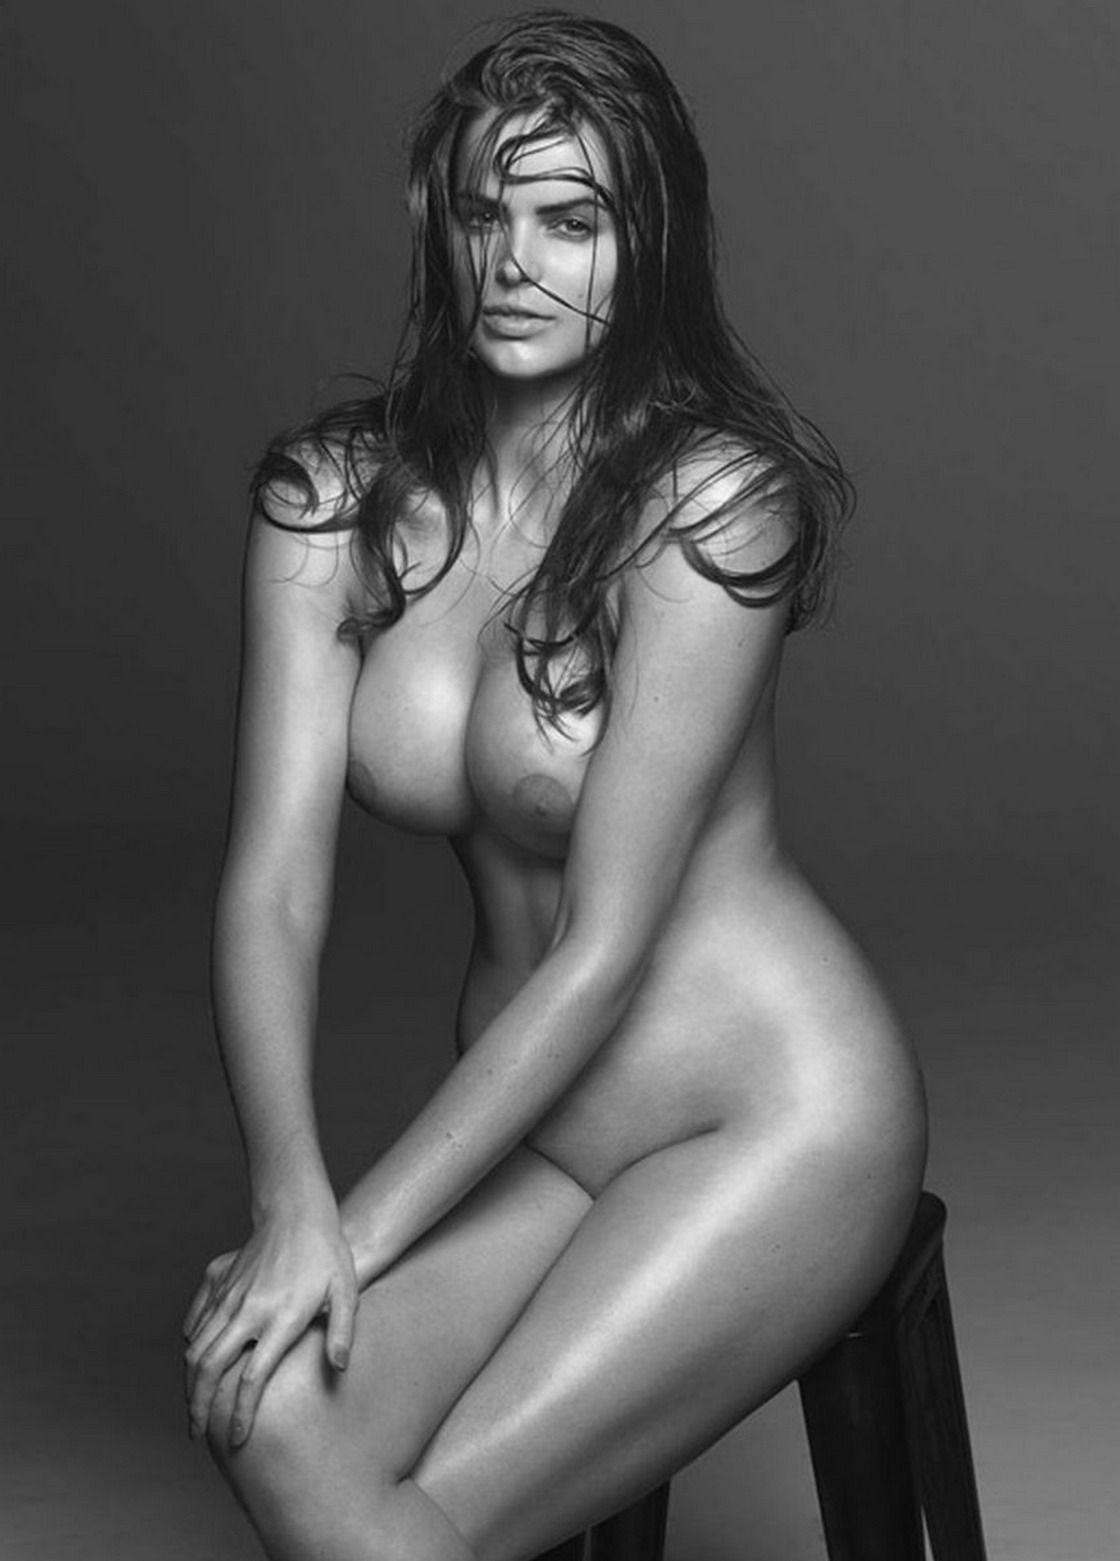 Фото моделей в одежде и голых 11 фотография